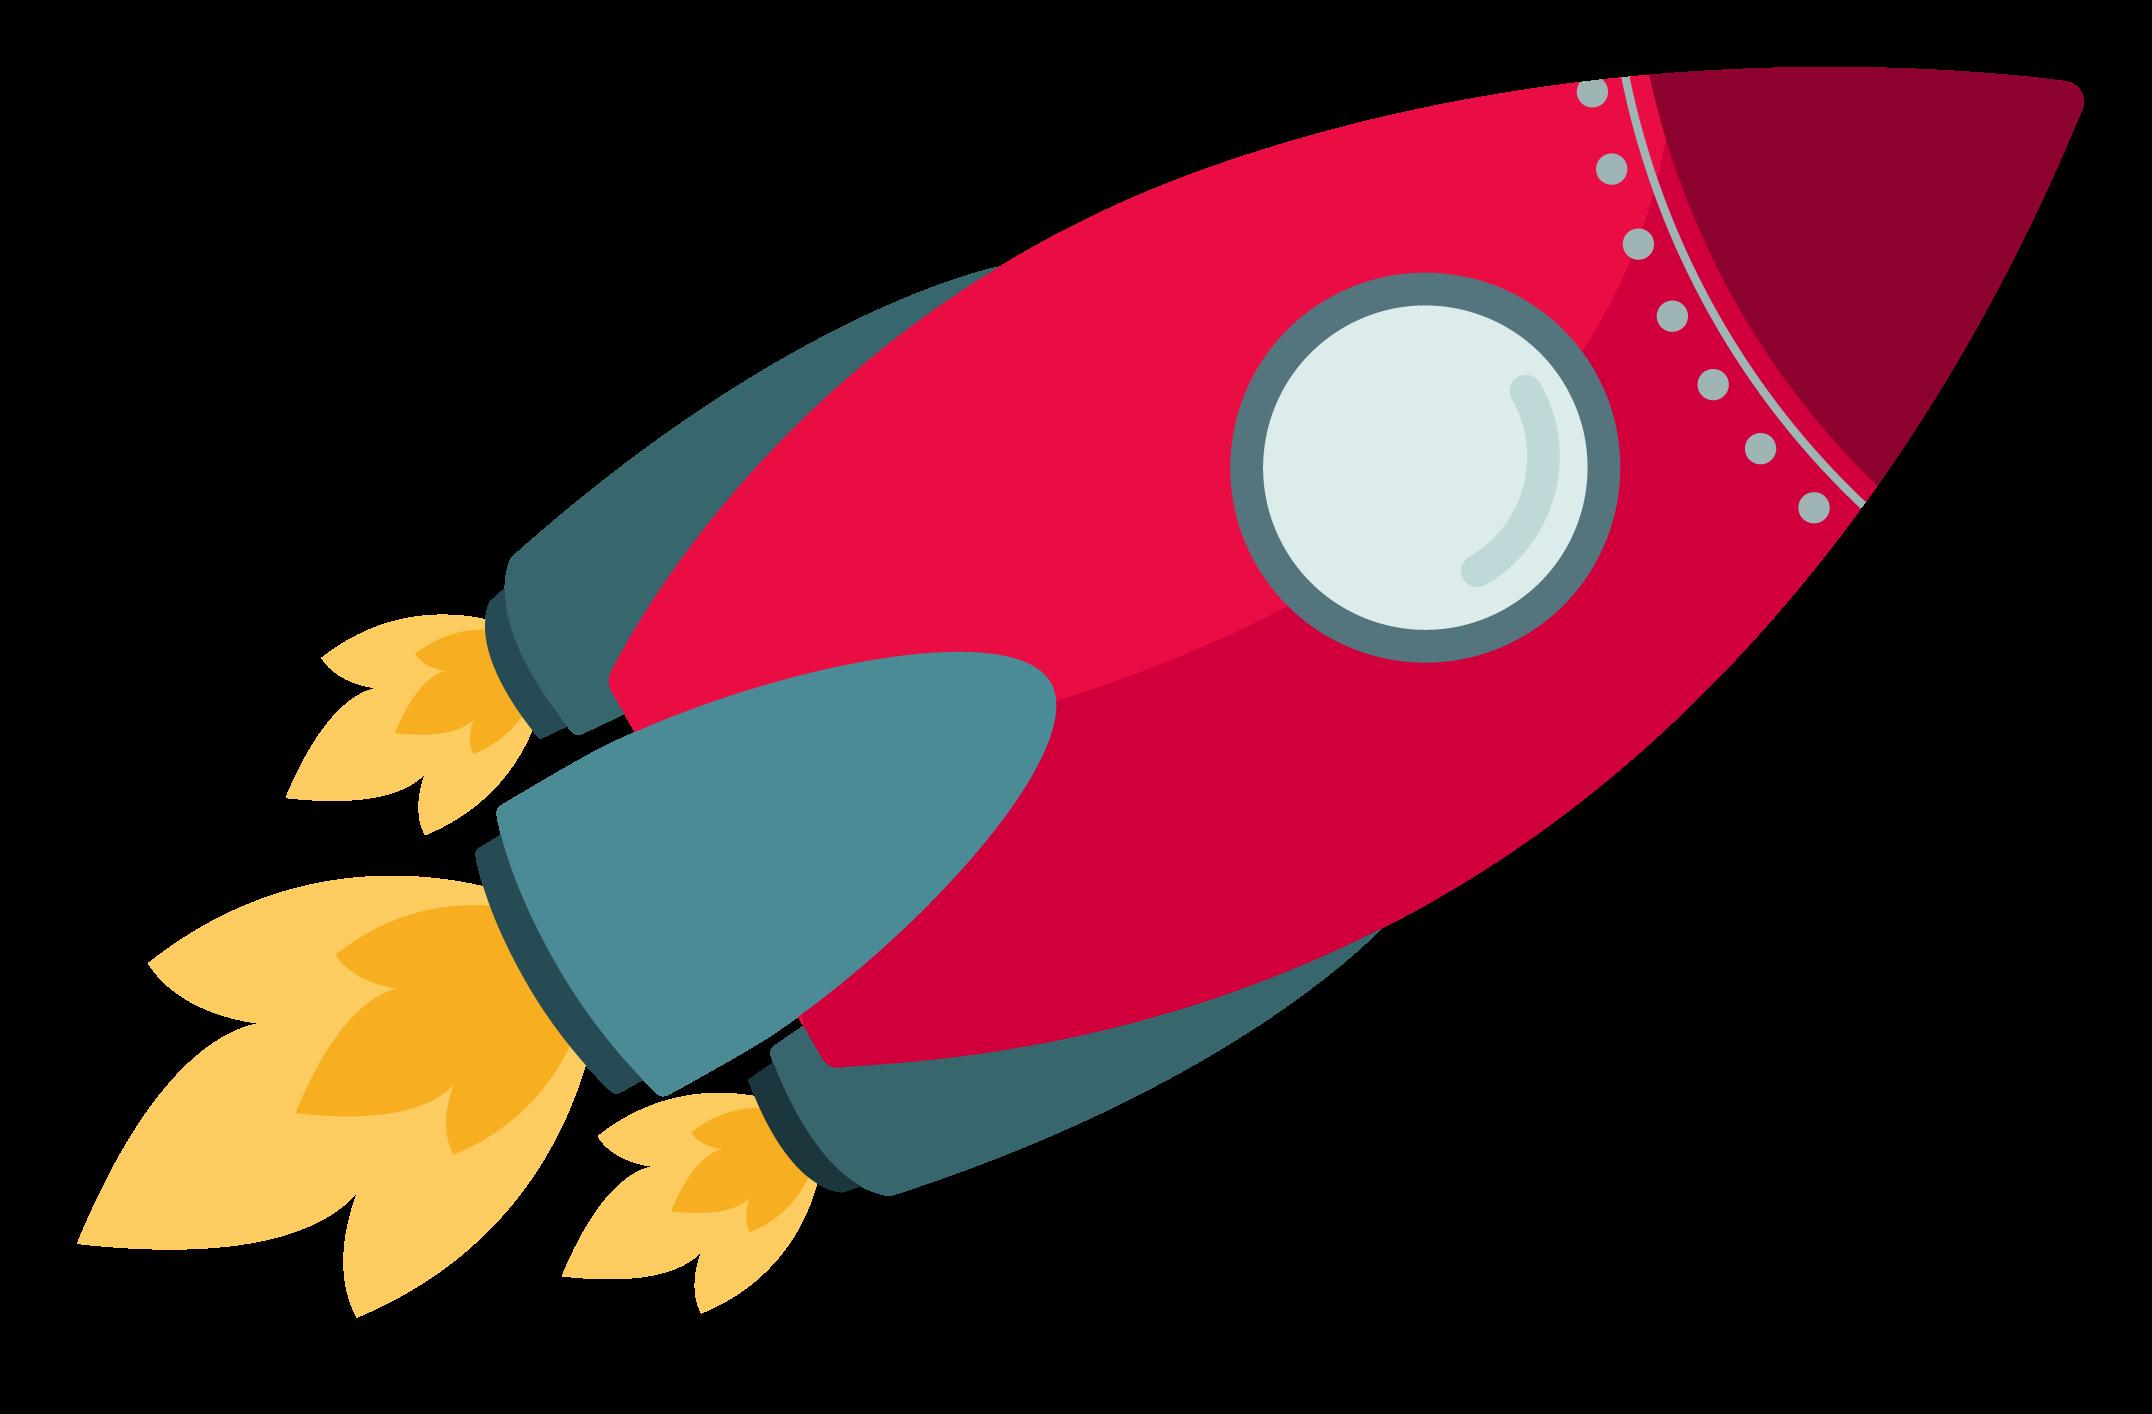 ilustración de nave espacial